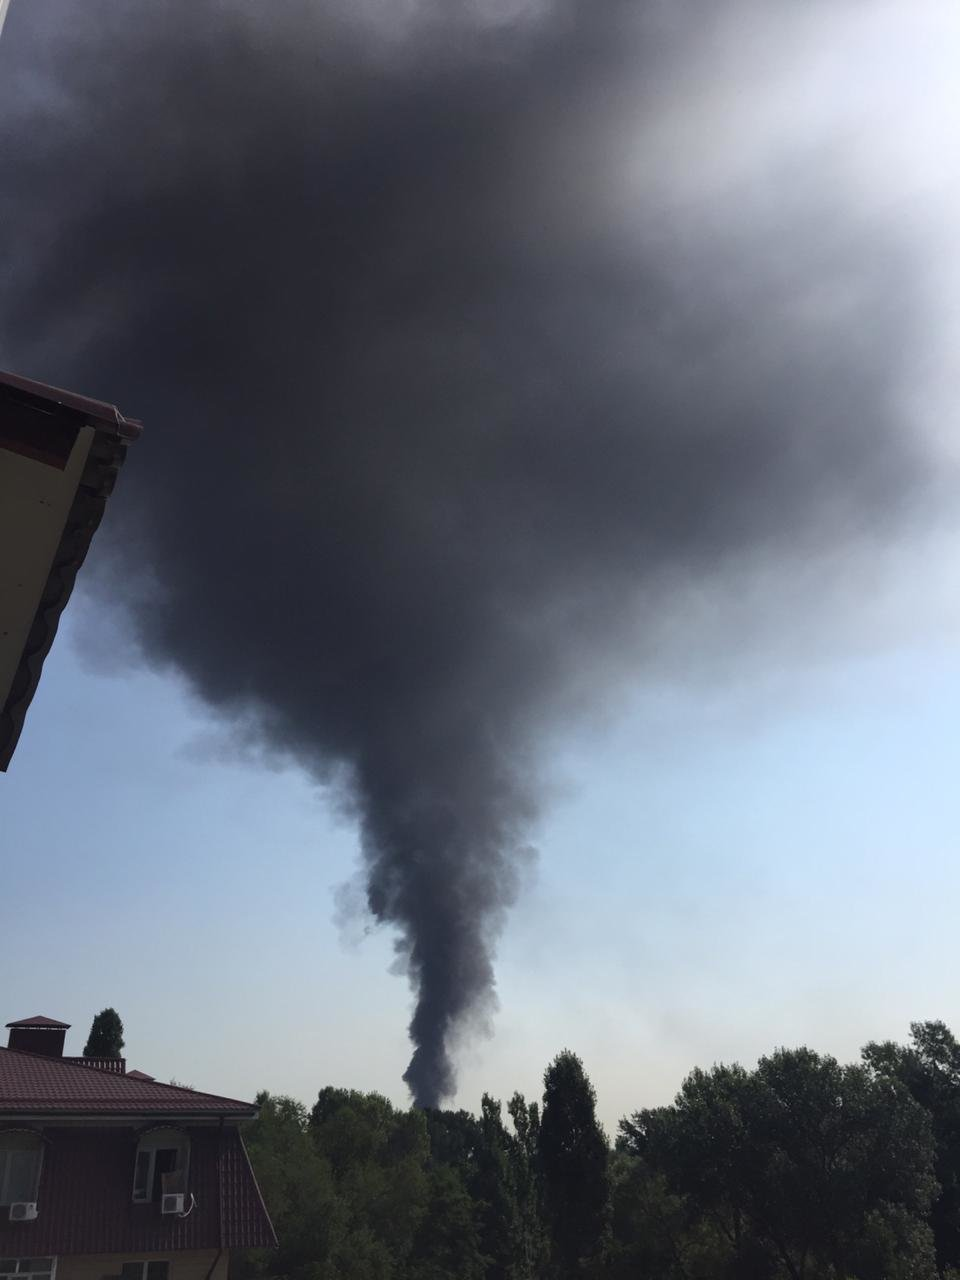 Складское помещение горит в Алматы (видео), фото-1